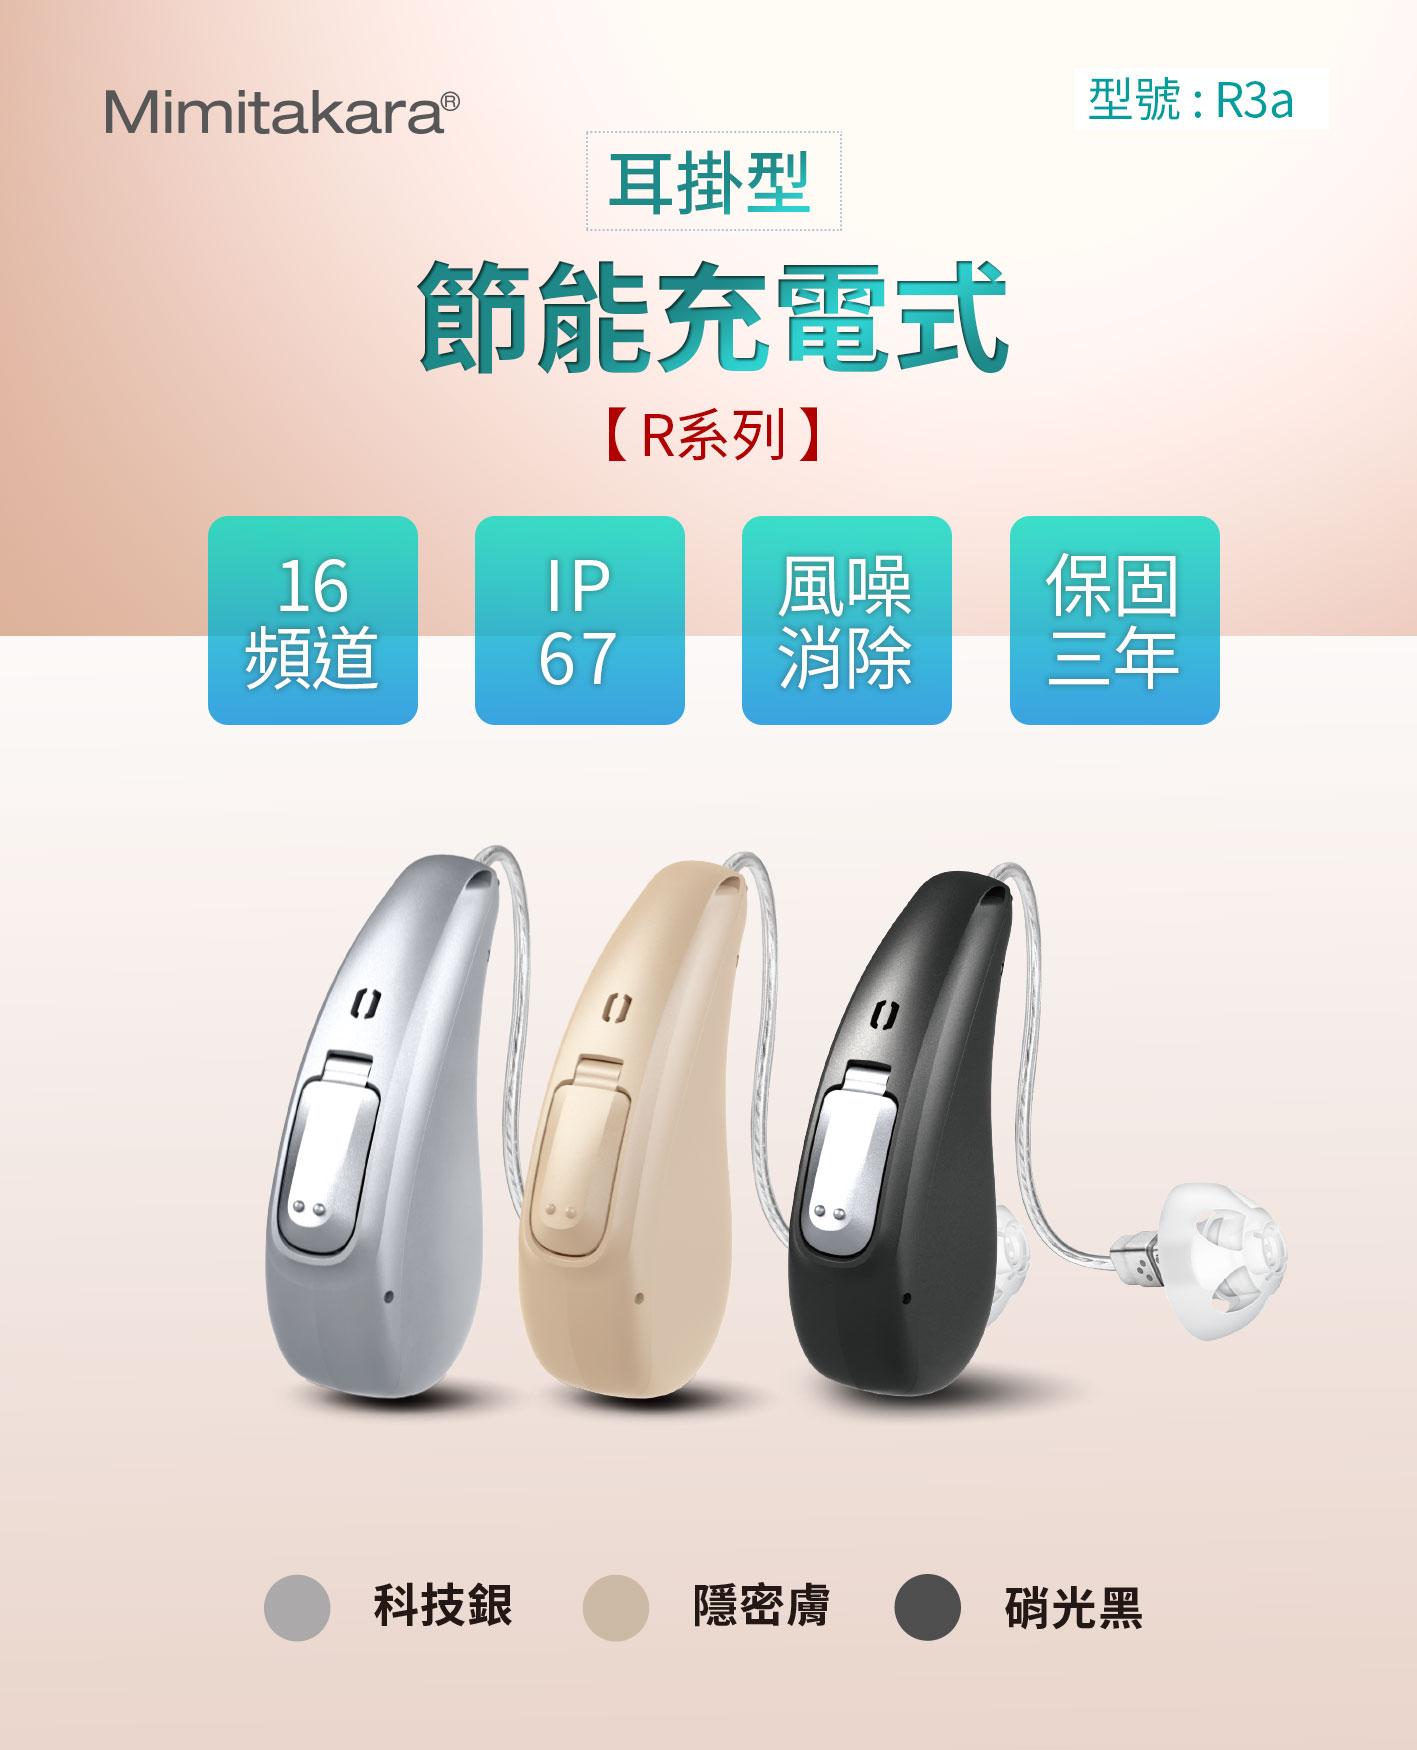 耳寶,R3a,補助資訊,助聽器